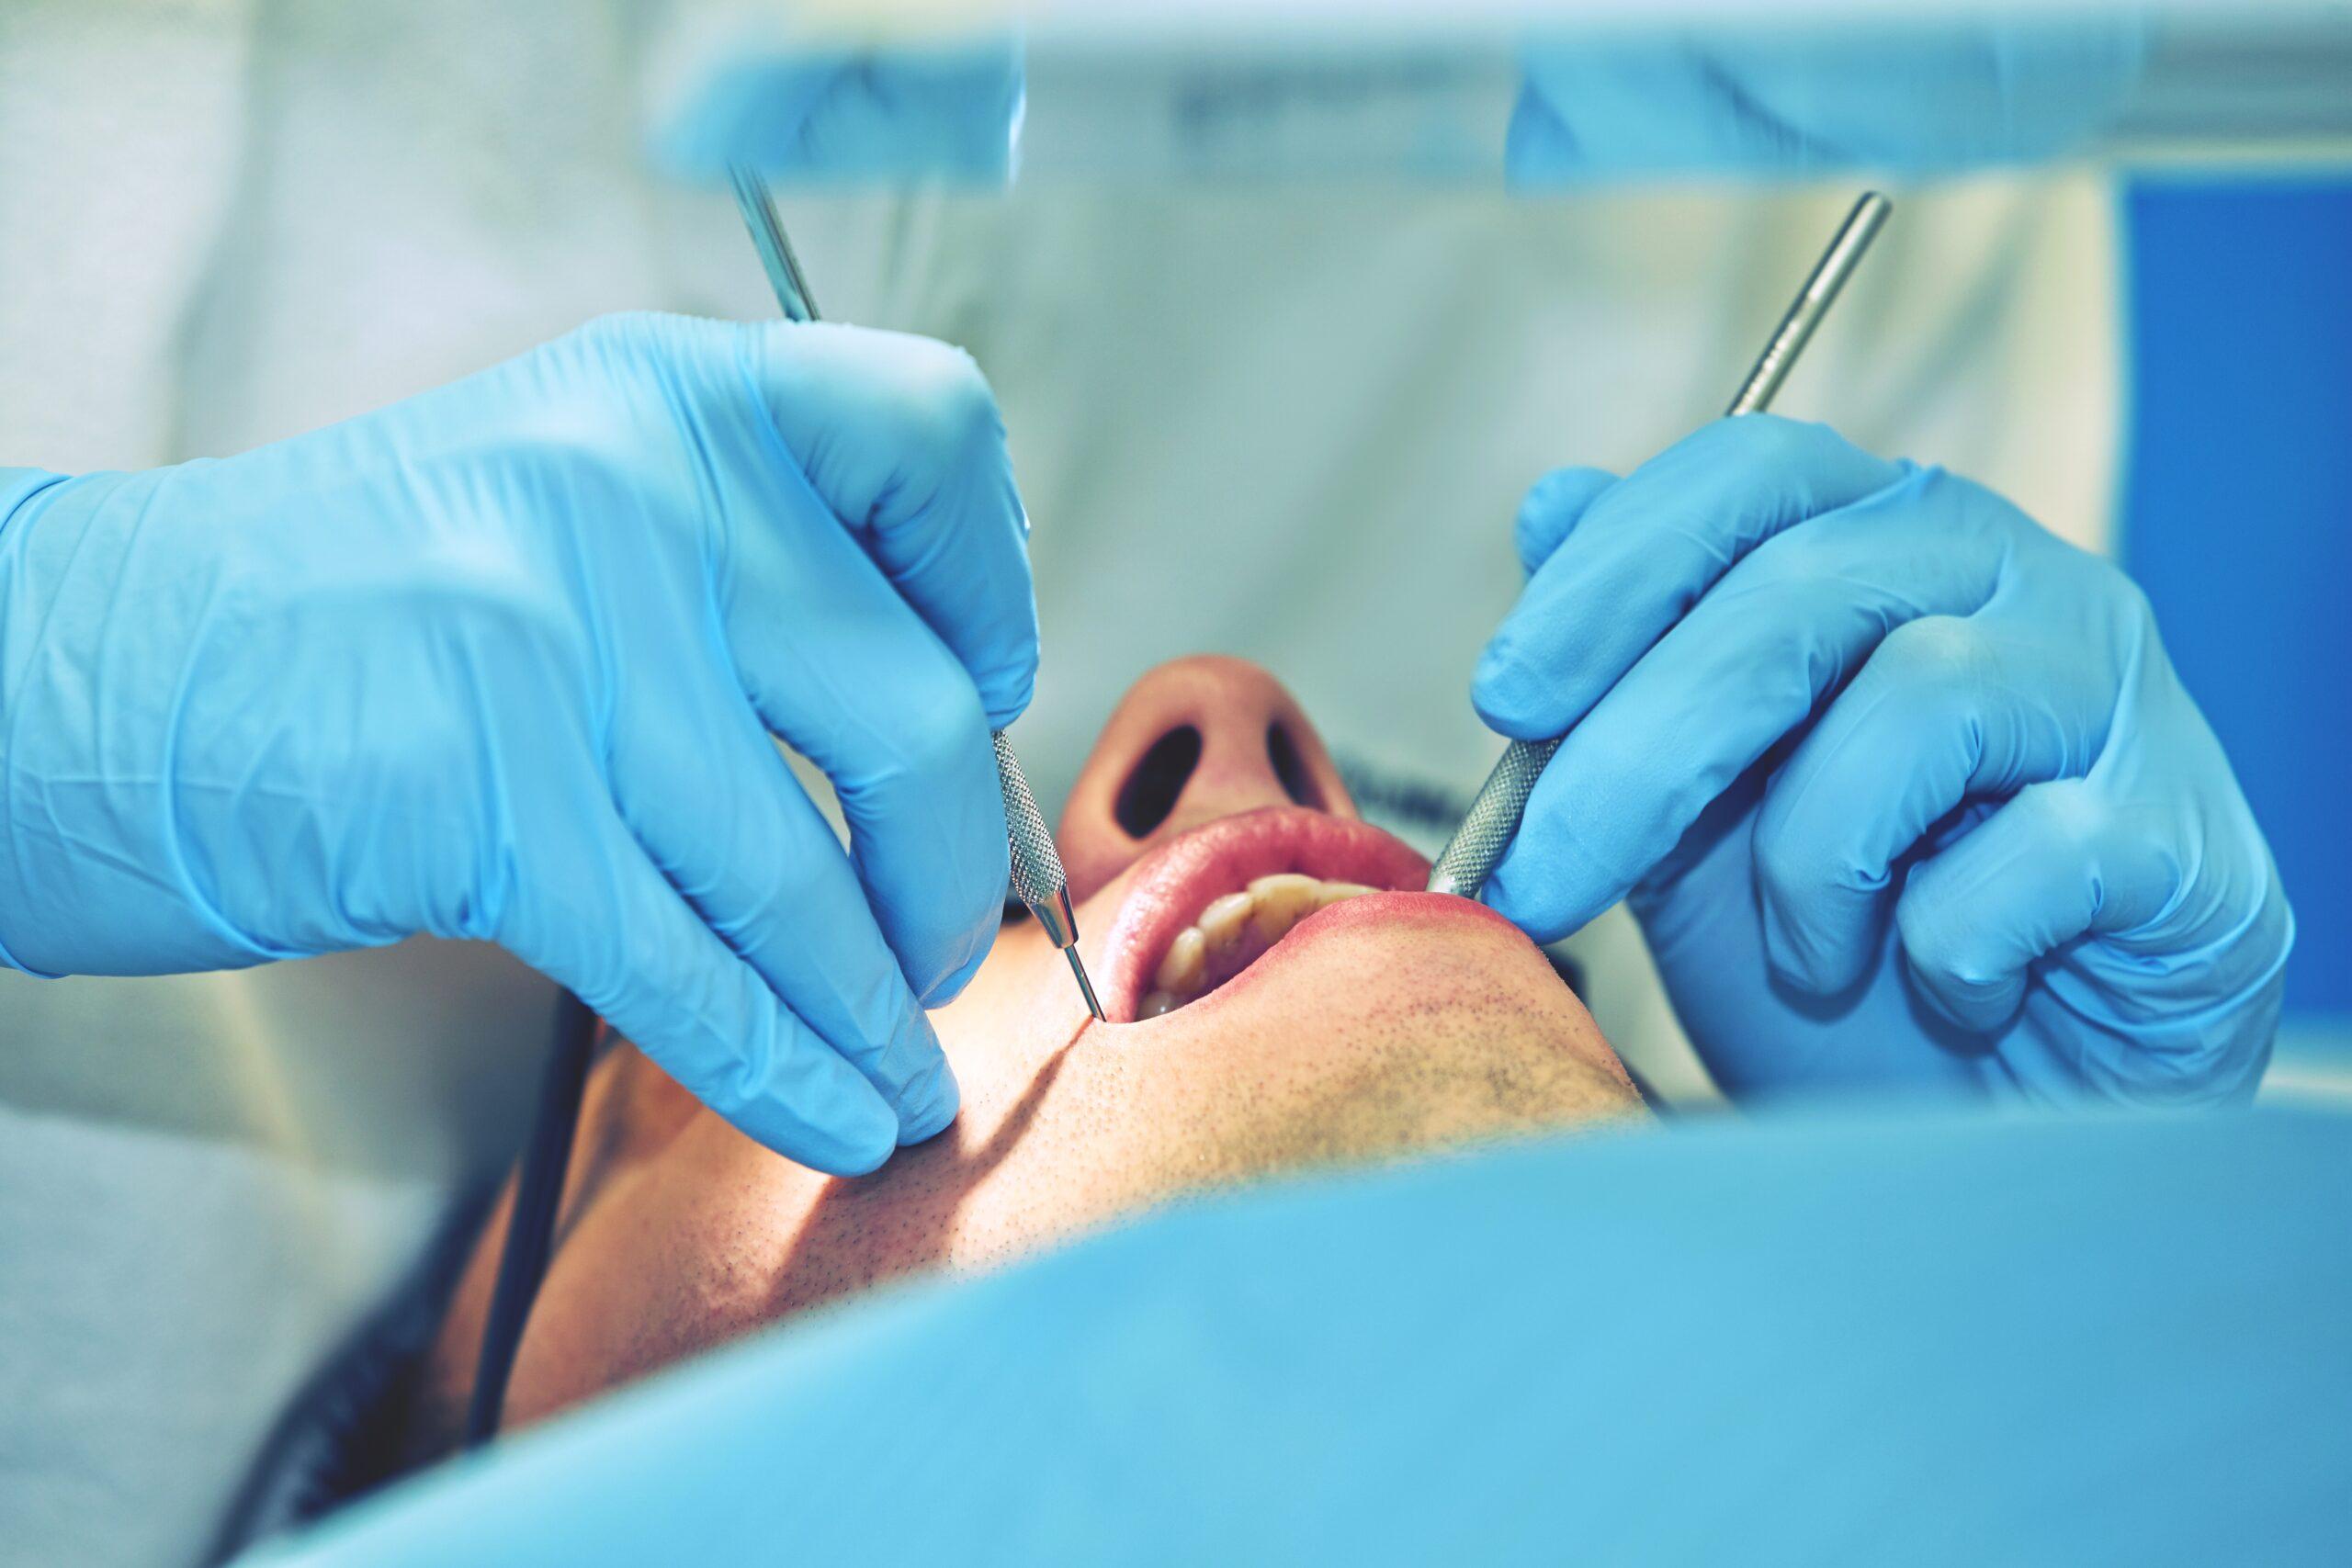 Стоматолог хирург: что делает и что лечит